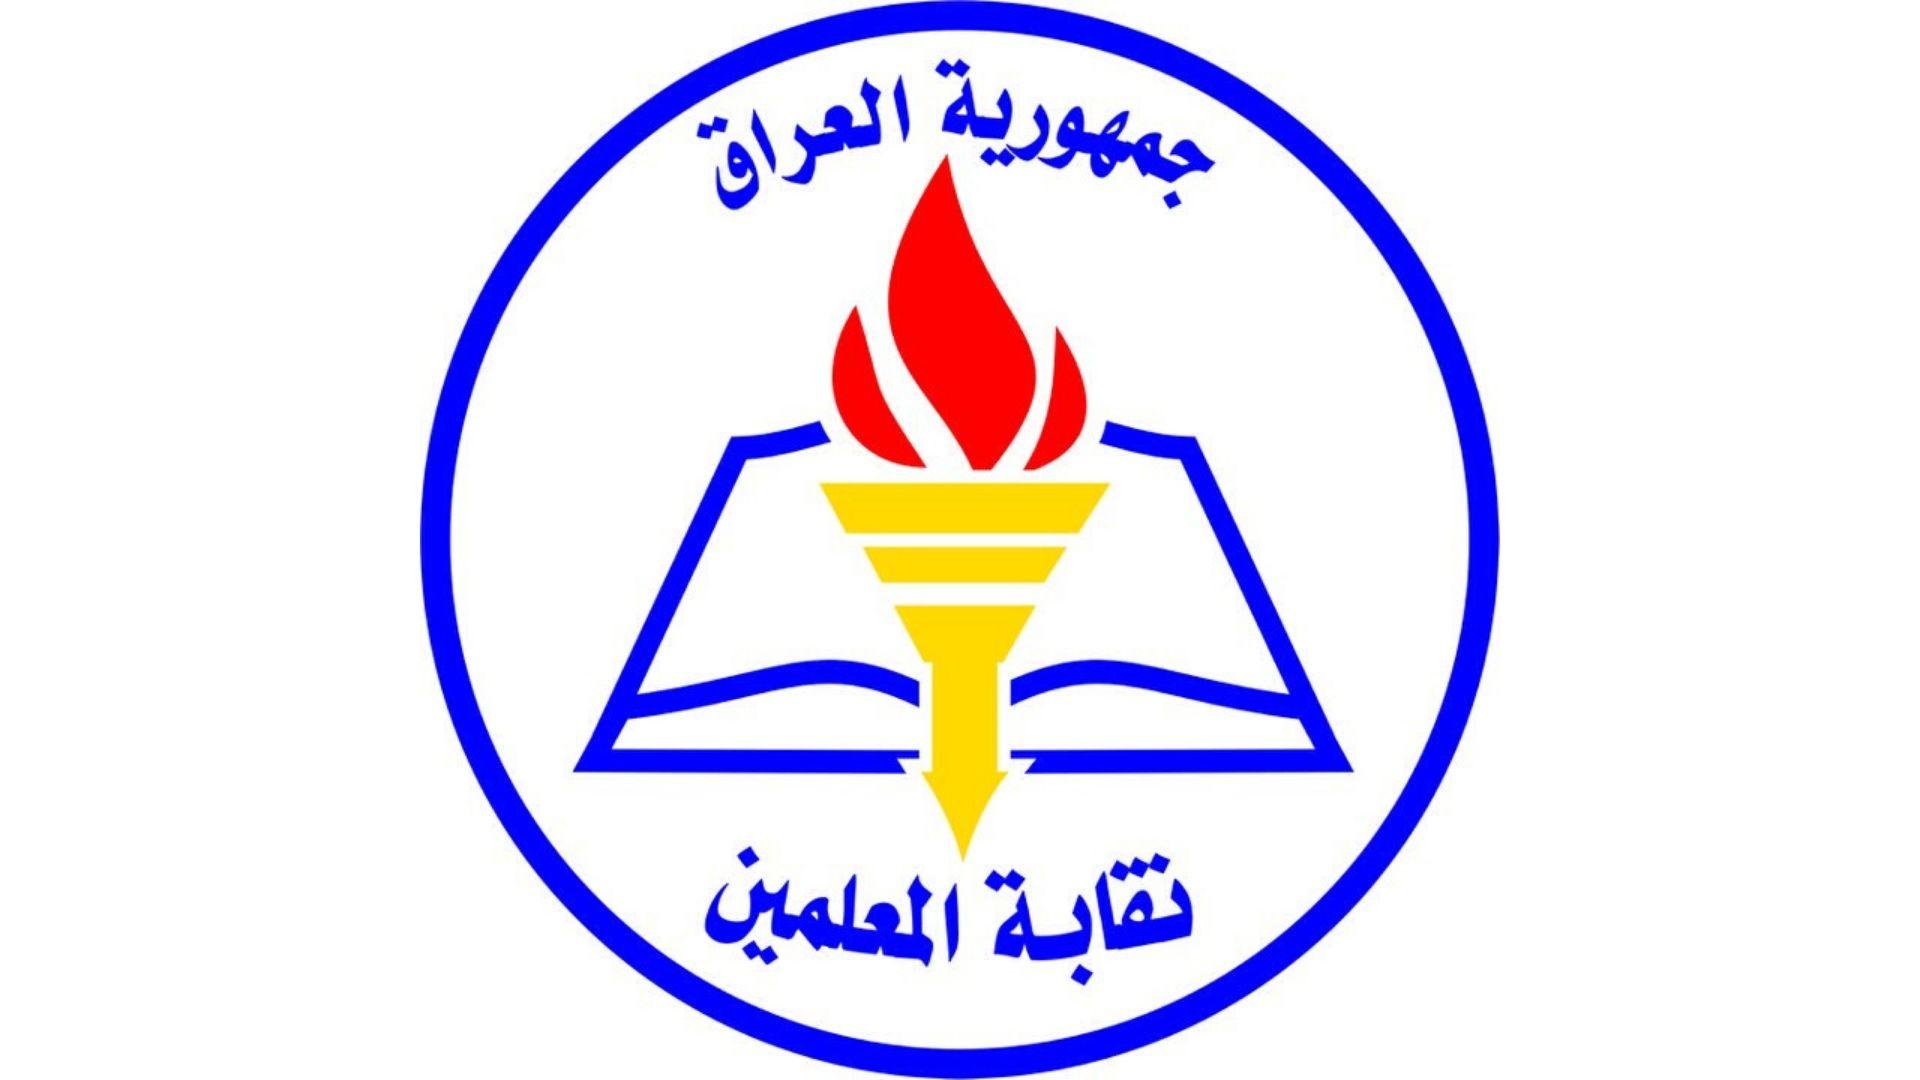 نقابة المعلمين تدعو لتظاهرة موحدة يوم الأربعاء